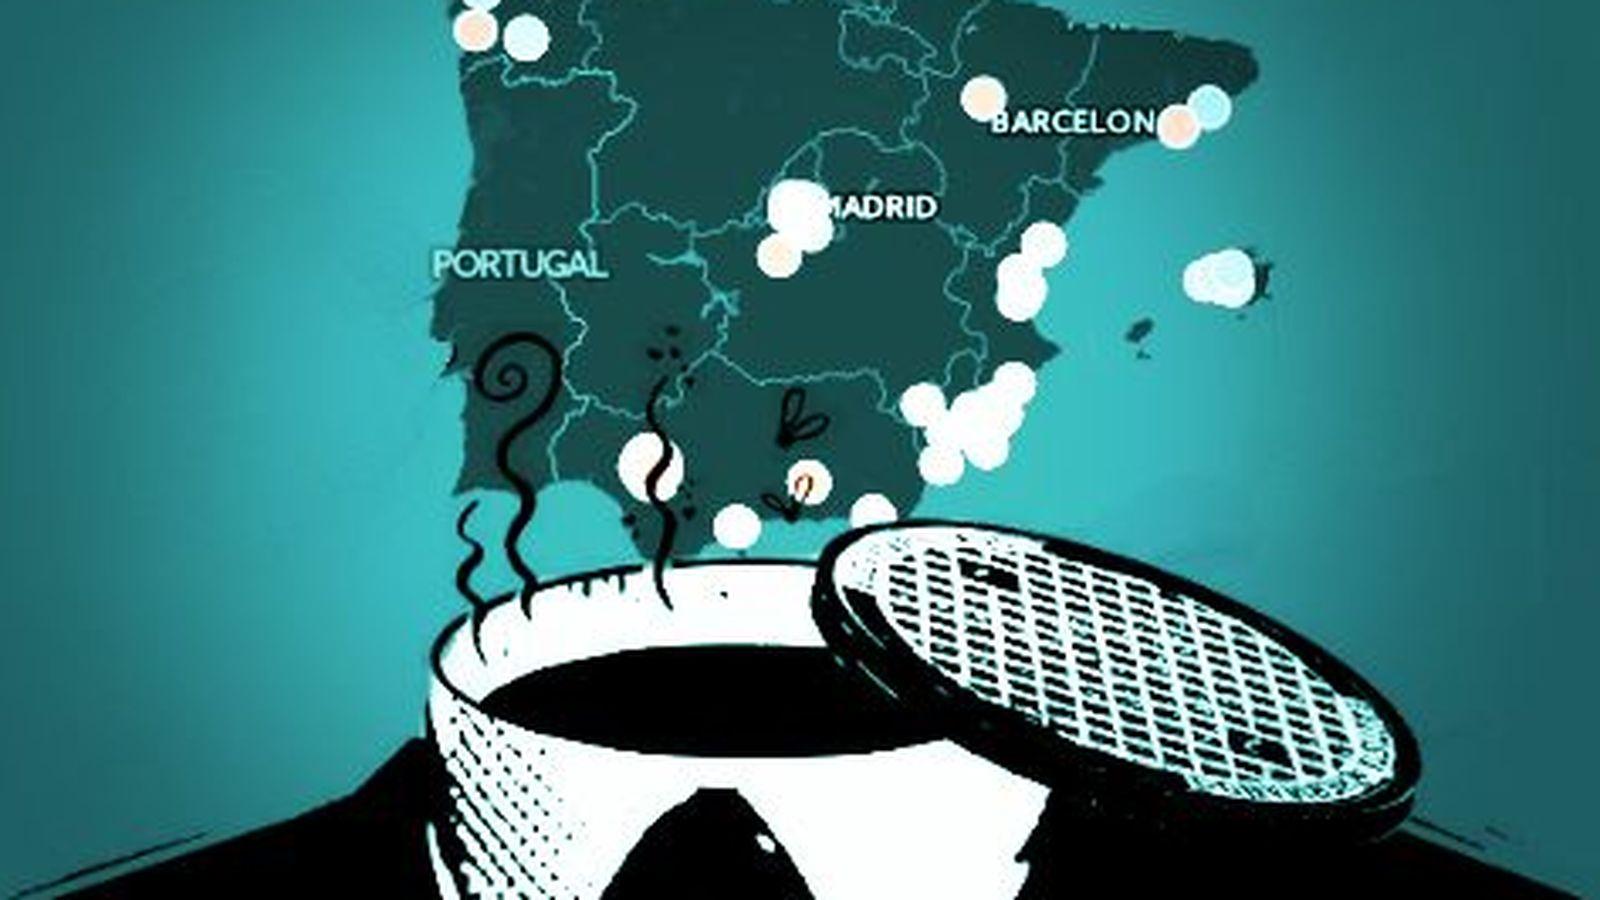 Operaci n taula as se reparten los principales casos de corrupci n pol tica en espa a - Casos de corrupcion en espana actuales ...